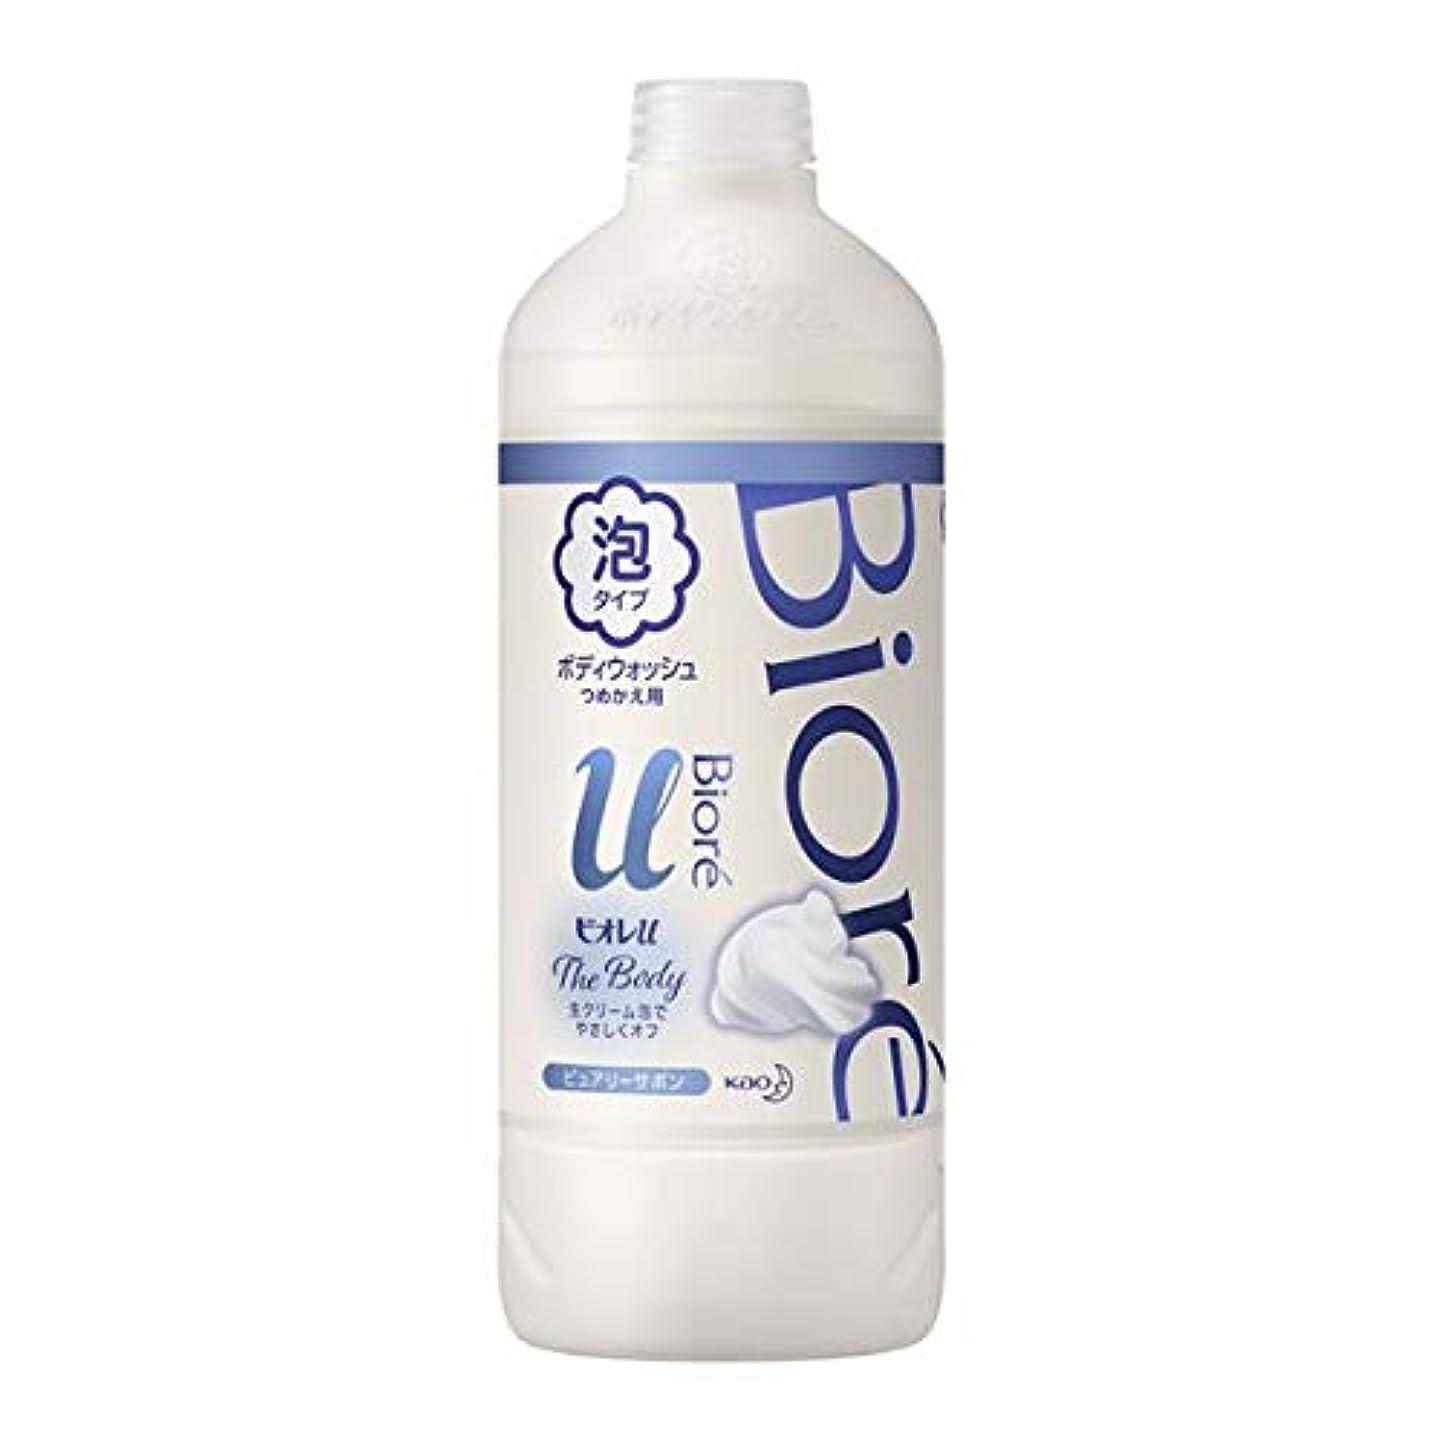 葉巻オーラル溝花王 ビオレu ザ ボディ泡ピュアリーサボンの香り 詰替え用 450ml